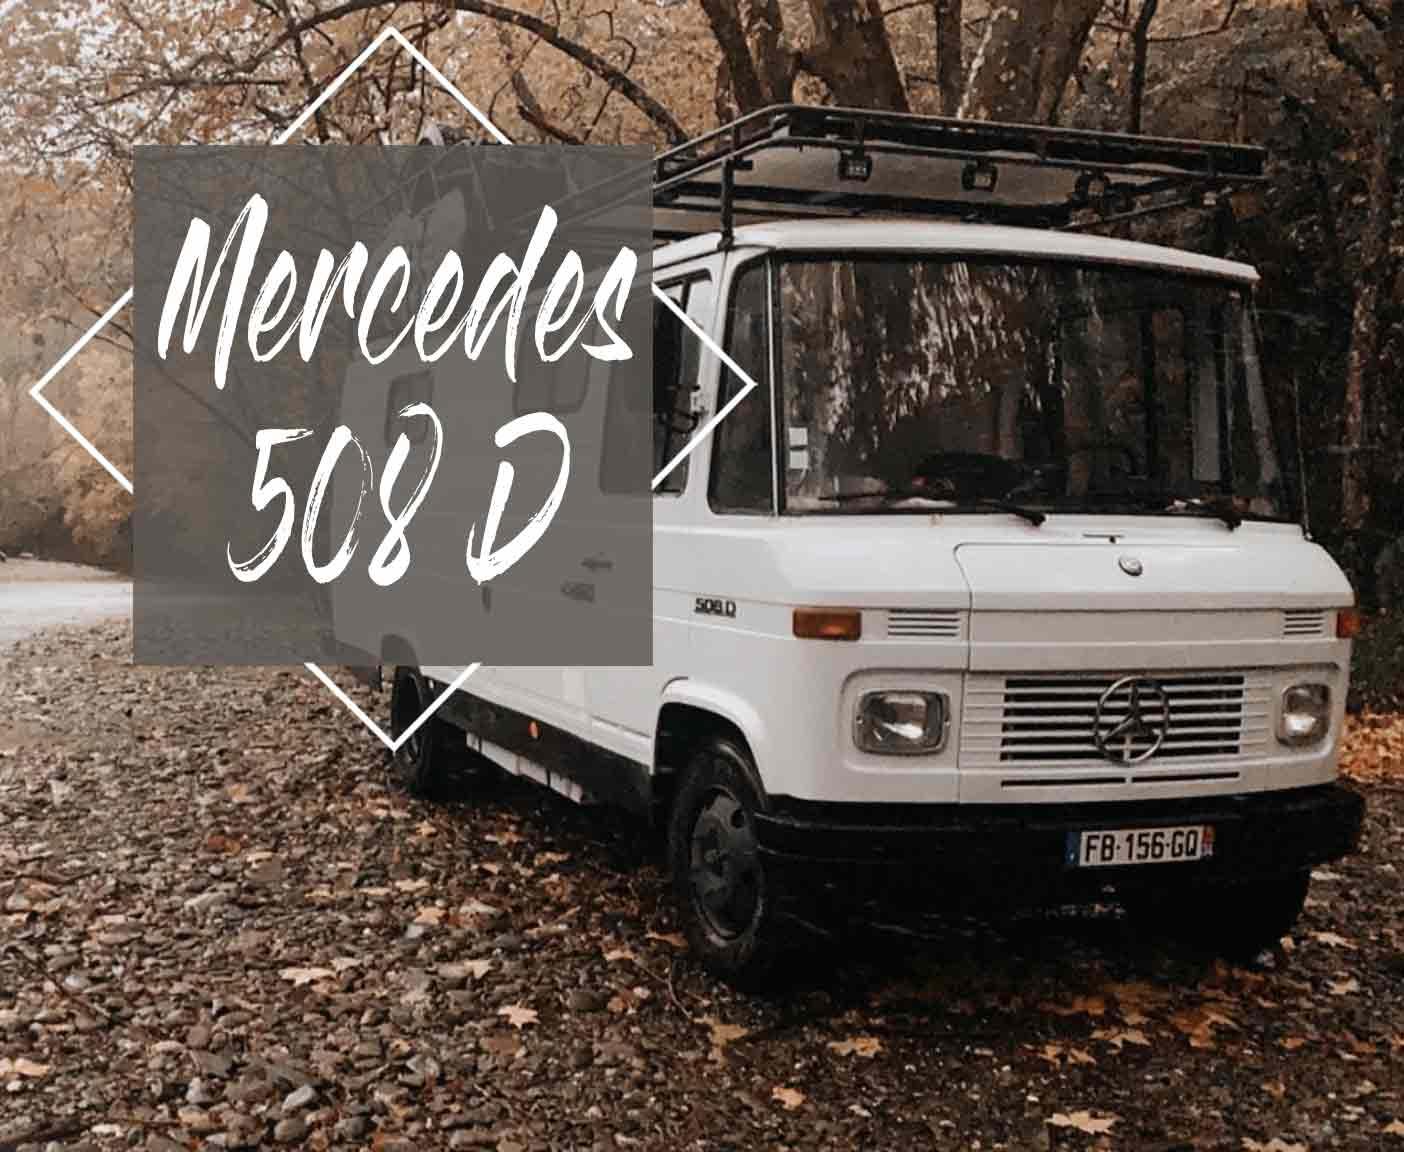 mercedes-508-van-fourgon-amenage-oldschool-vintage-vanlife-t2-merco-sprinter